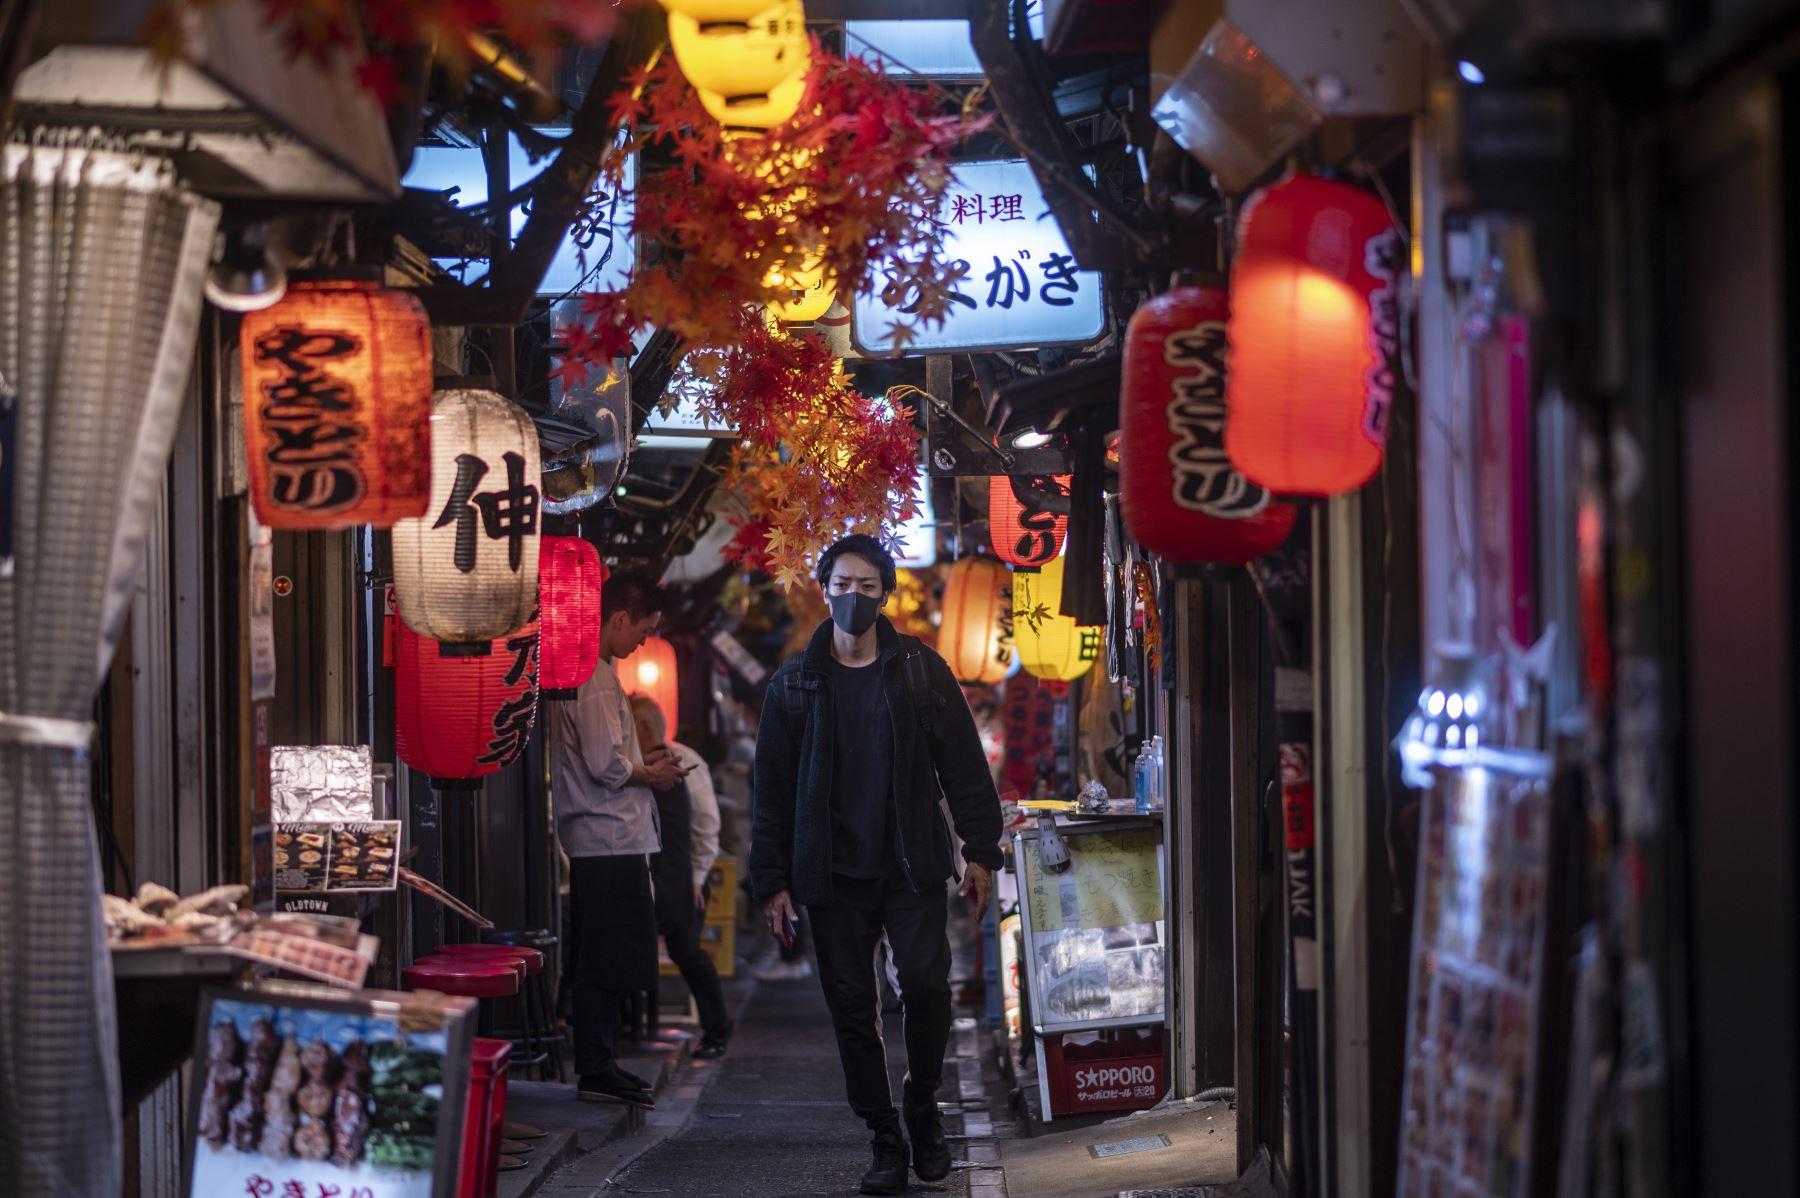 Un hombre que llevaba una mascarilla como medida preventiva ante el coronavirus camina por el área de restaurantes del callejón Omoide Yokocho en el distrito Shinjuku de Tokio. Foto: AFP